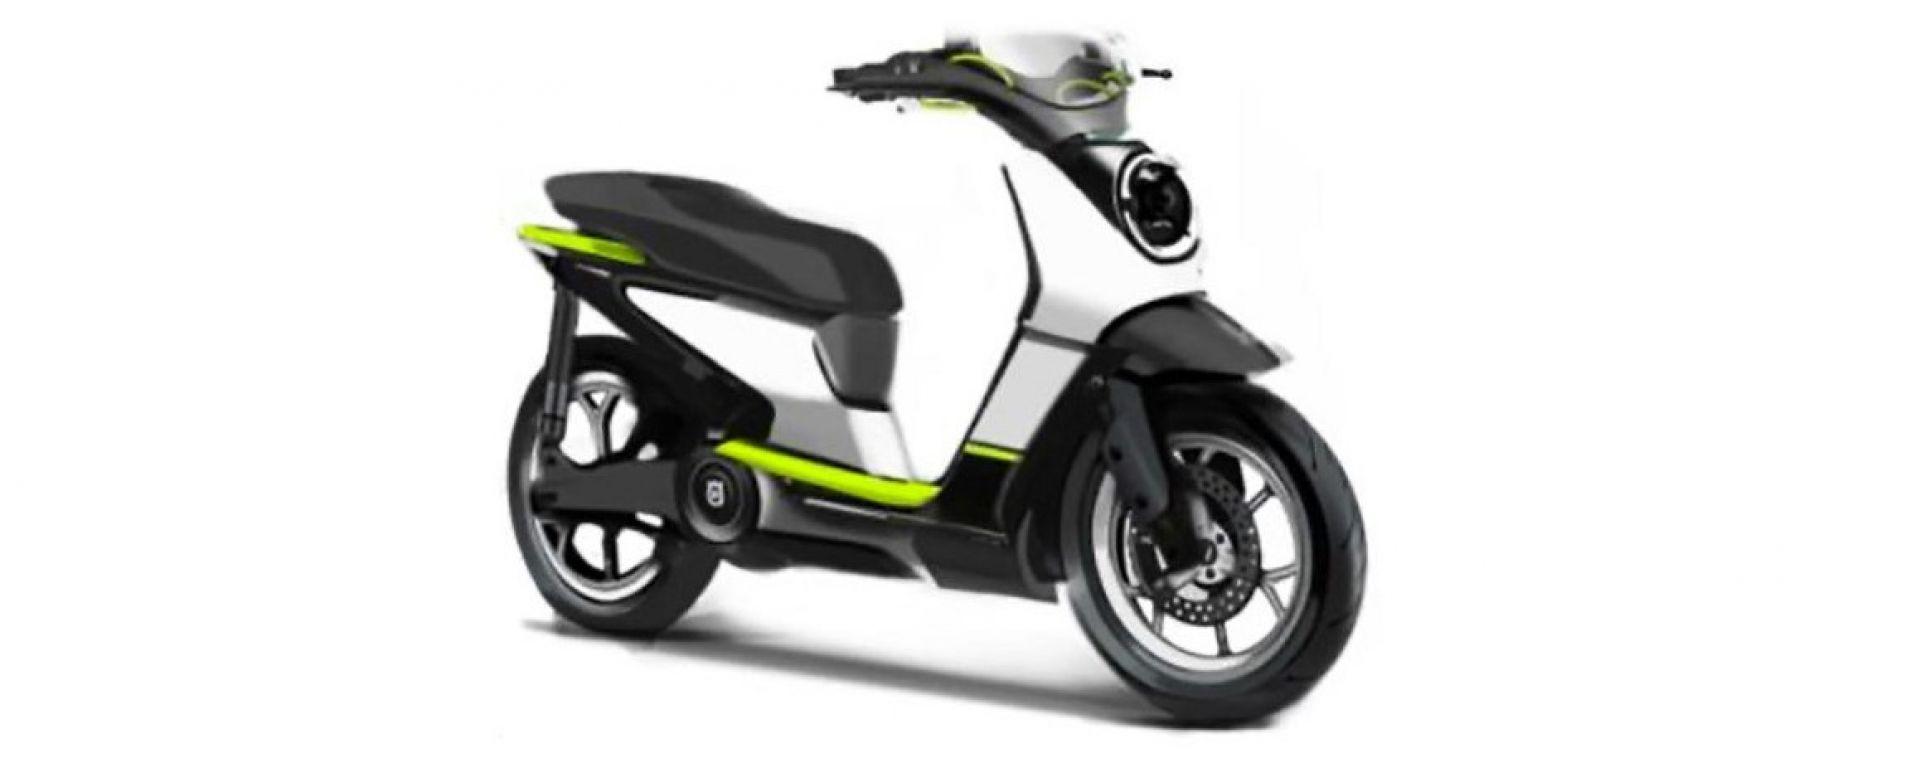 Husqvarna: ecco come potrebbe essere lo scooter elettrico